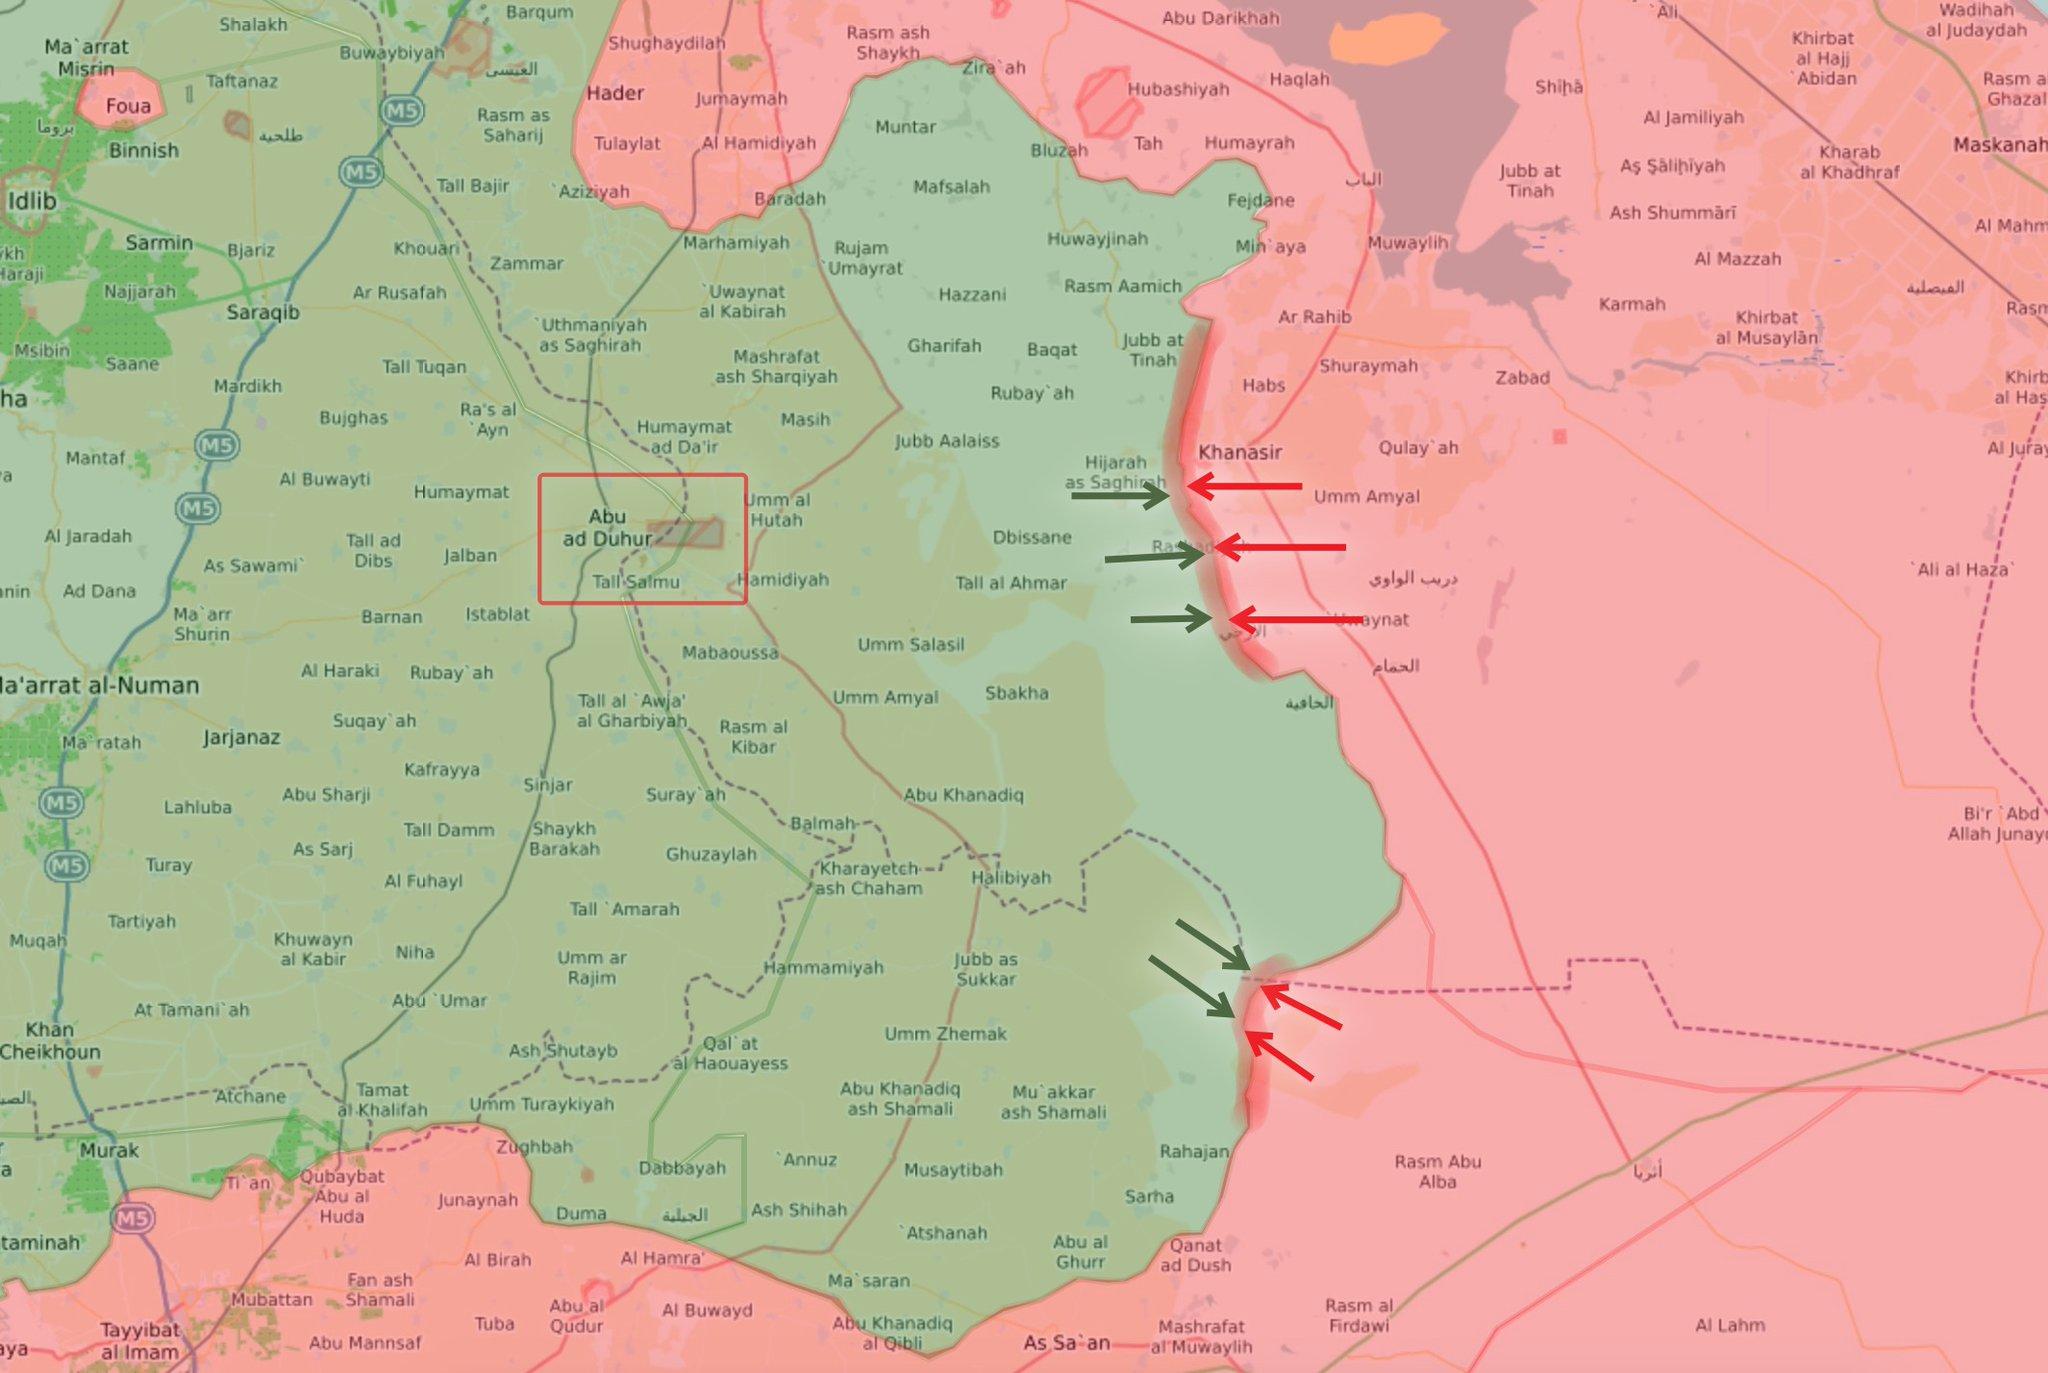 Карта, новая зона наступления сил Асада